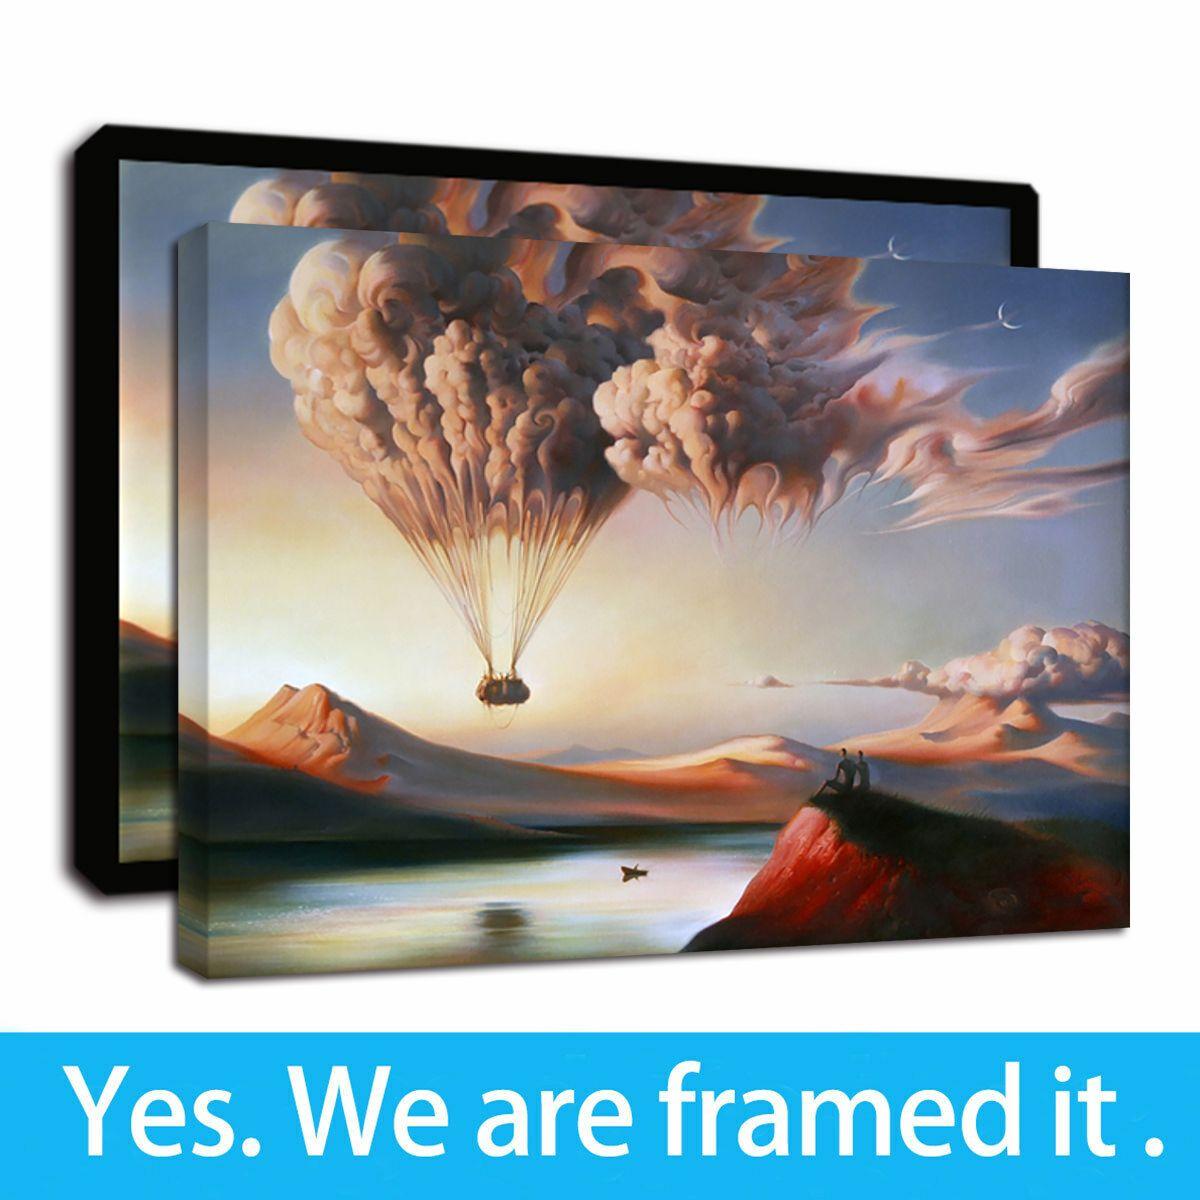 Pinturas de la Segunda Guerra Mundial Guerra globo de aire caliente enmarcada óleo del arte moderno de la lona Giclee estampados de animales del arte de la pared en la lona para la decoración casera